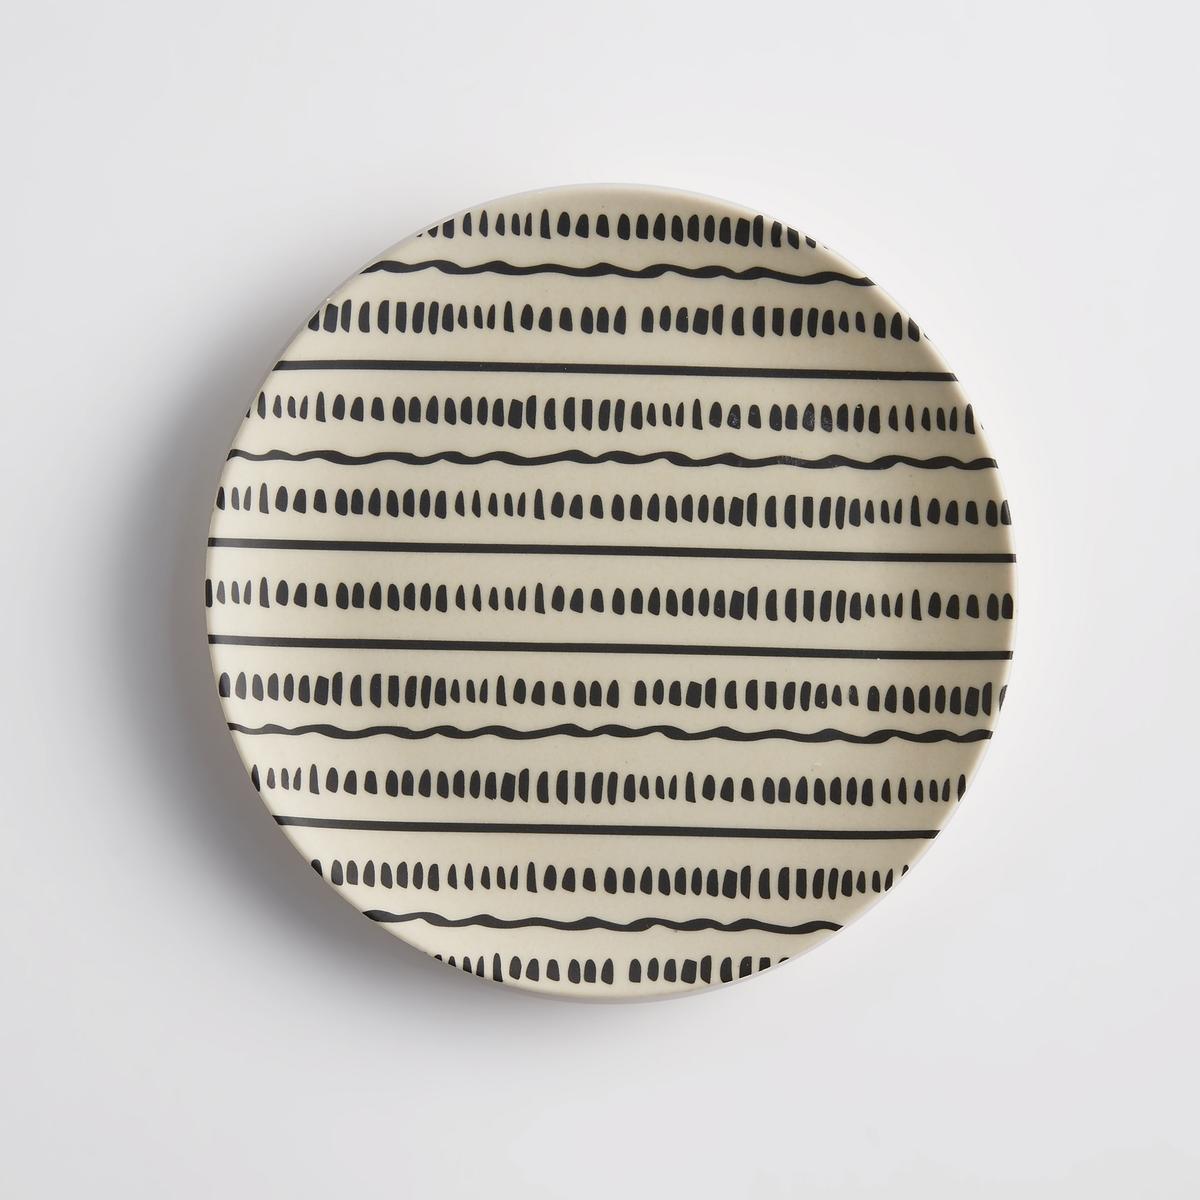 Комплект из 4 десертных тарелок из бамбука BamboskaЭкзотический материал, графичный этнический стиль : десертные тарелки Bamboska в любых обстоятельствах станут полезным и декоративным предметом.Характеристики 4 десертных тарелок из бамбука Bamboska :Бамбук с рисунком, 2 разных узора.Не подходят для мытья в посудомоечной машине и использования в микроволновой печиРазмеры 4 десертных тарелок из бамбука Bamboska :диаметр 20 см.Другие модели комплекта и другие коллекции предметов декора стола вы можете найти на сайте laredoute.<br><br>Цвет: набивной рисунок